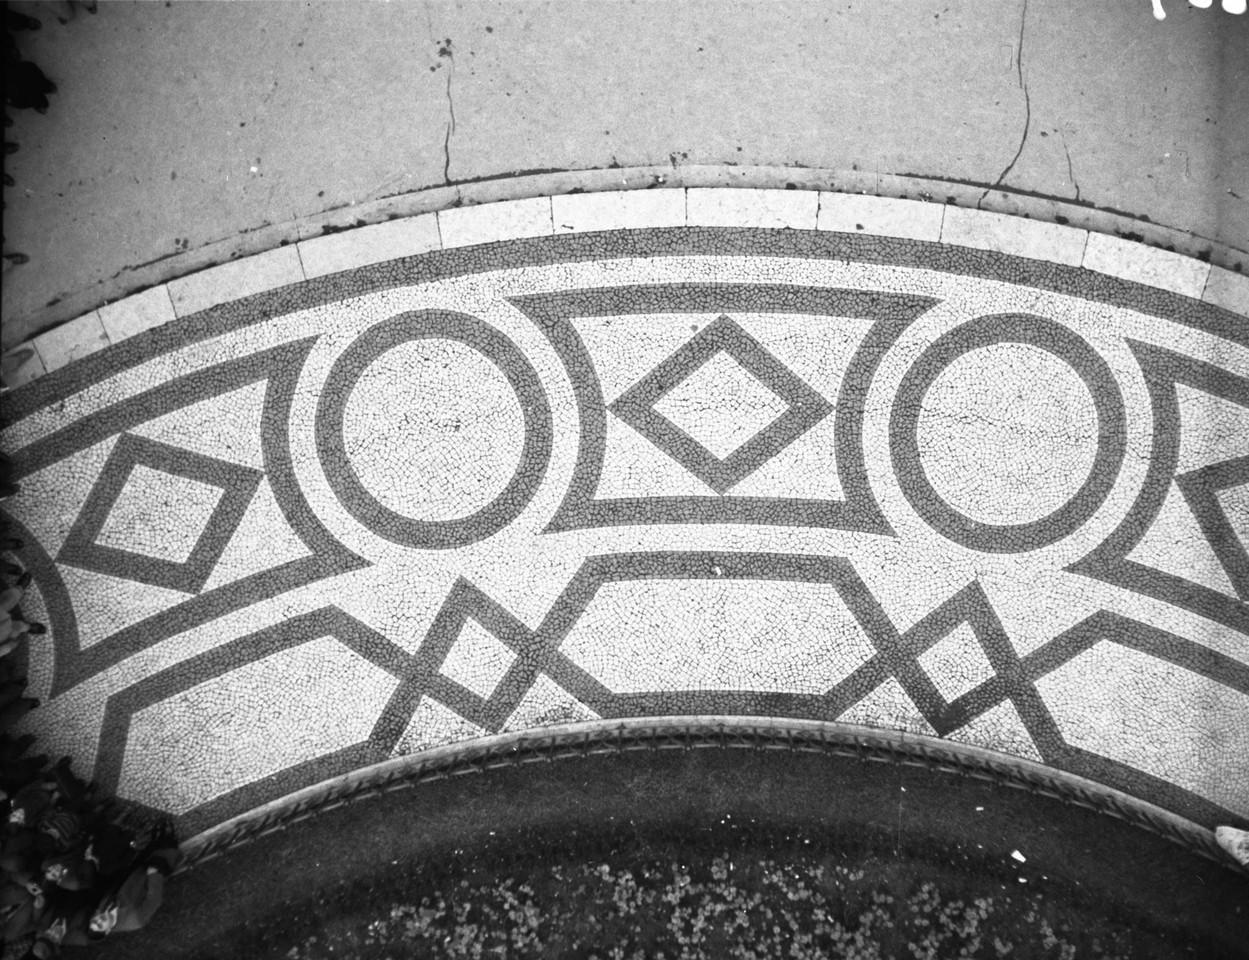 Calçada portuguesa, Rossio, 1944, foto de Antóni